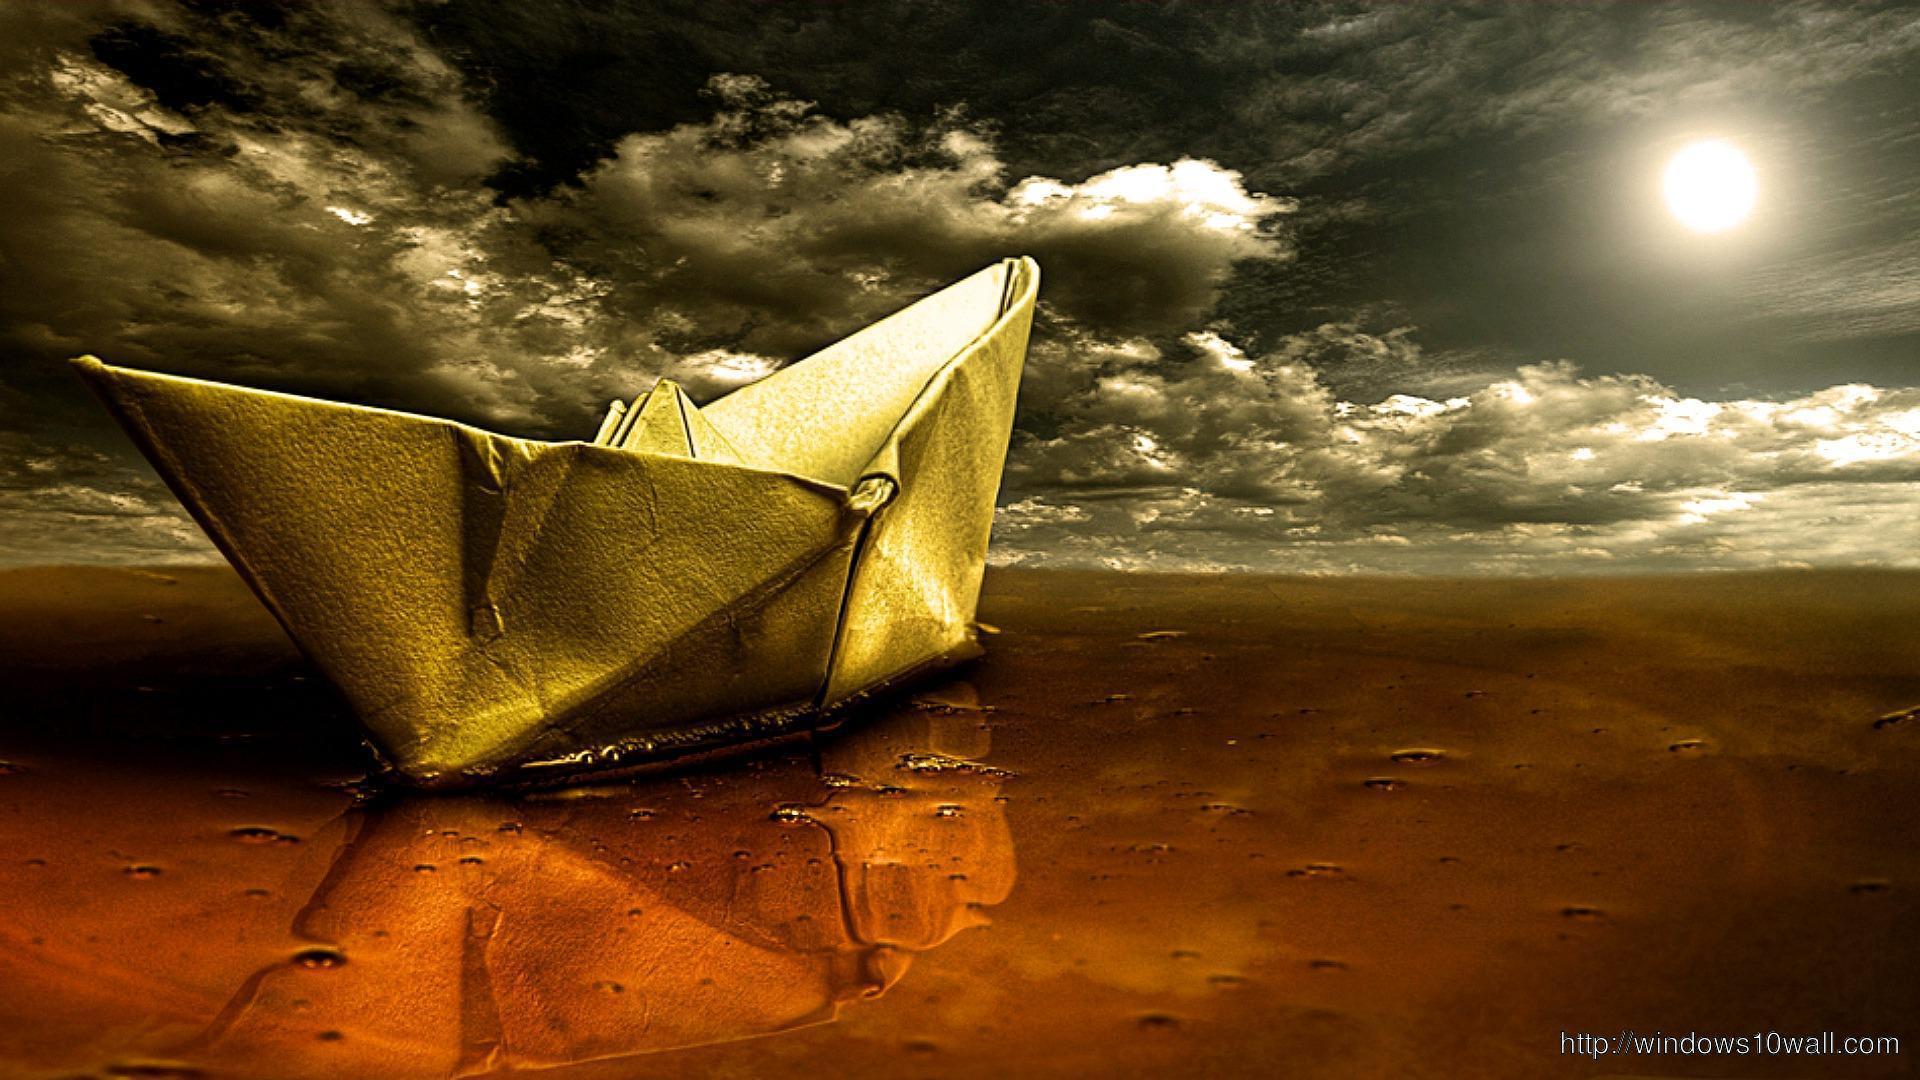 Beatiful Paper Boat Floating In Water Hd Wallpaper